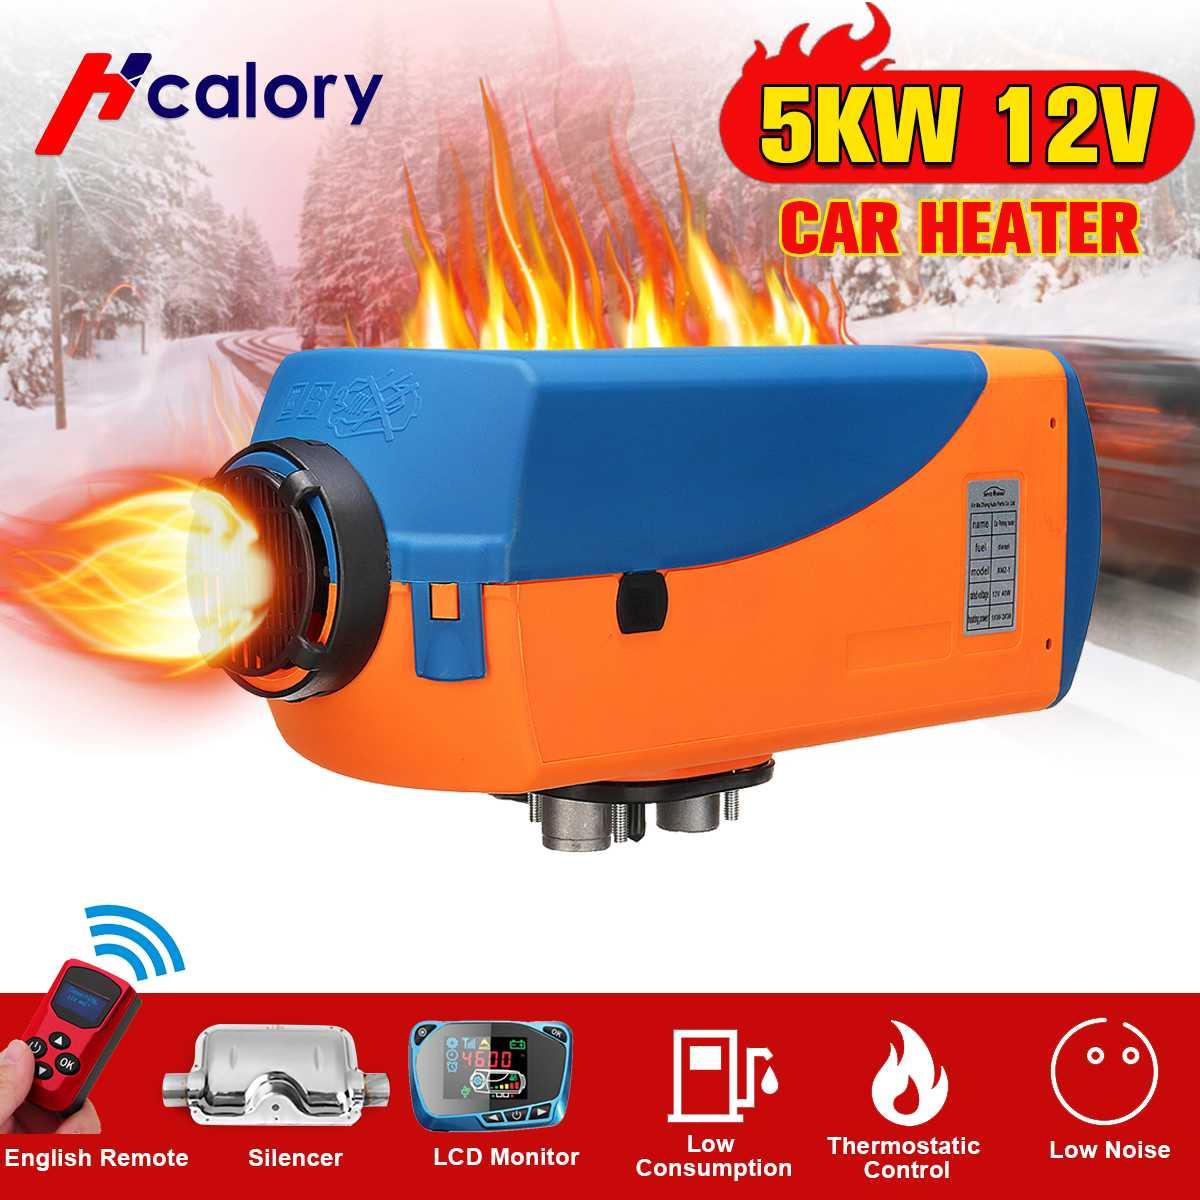 Interruptor inteligente de calefacción para coche de 5kW y 12V con LCD + Control de temperatura + calentador silencioso para invierno, para todoterrenos, camiones, barcos, camionetas y camionetas